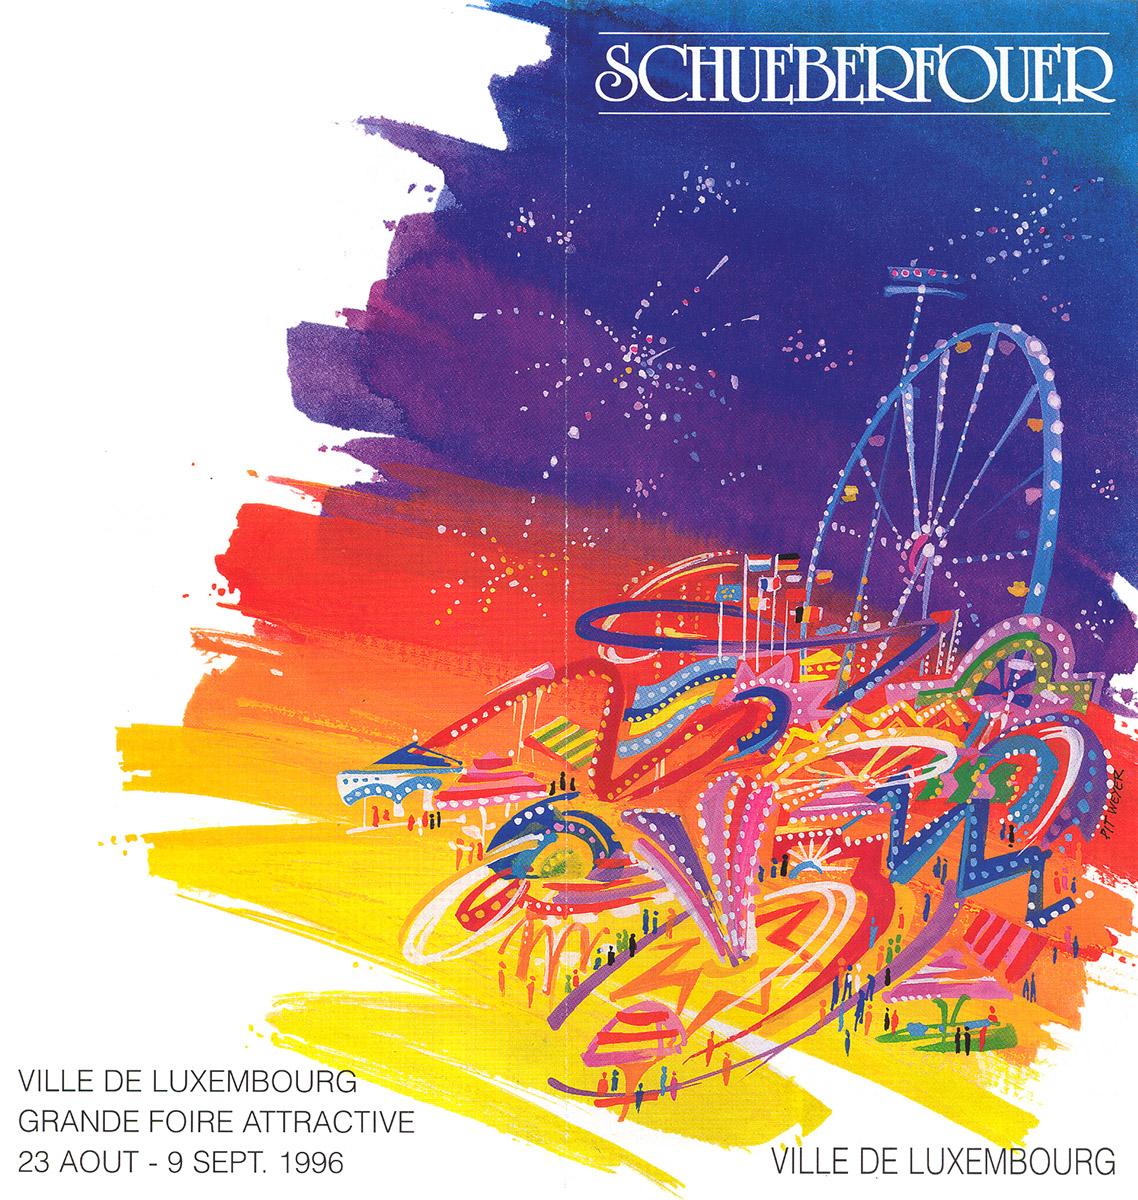 dépliant pour Schueberfouer 1996 Lex & Pit Weyer